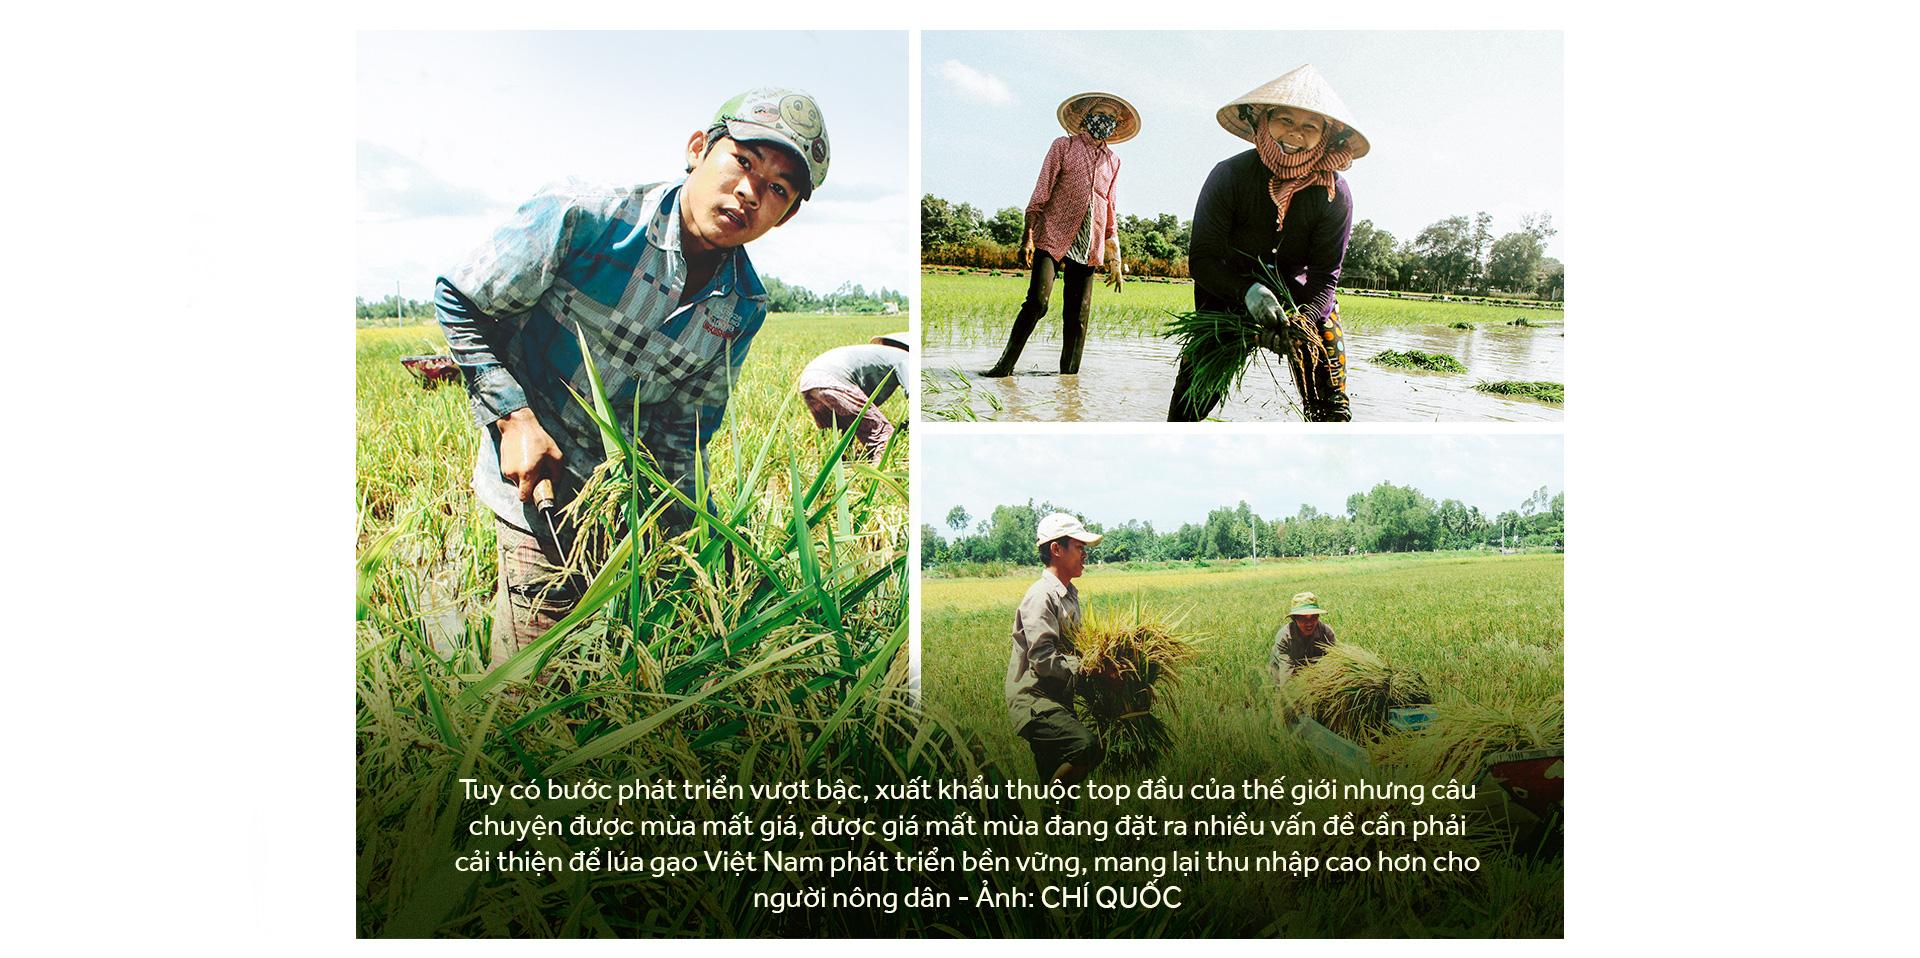 Đồng bằng sông Cửu Long: 35 năm thay da đổi thịt - Ảnh 5.